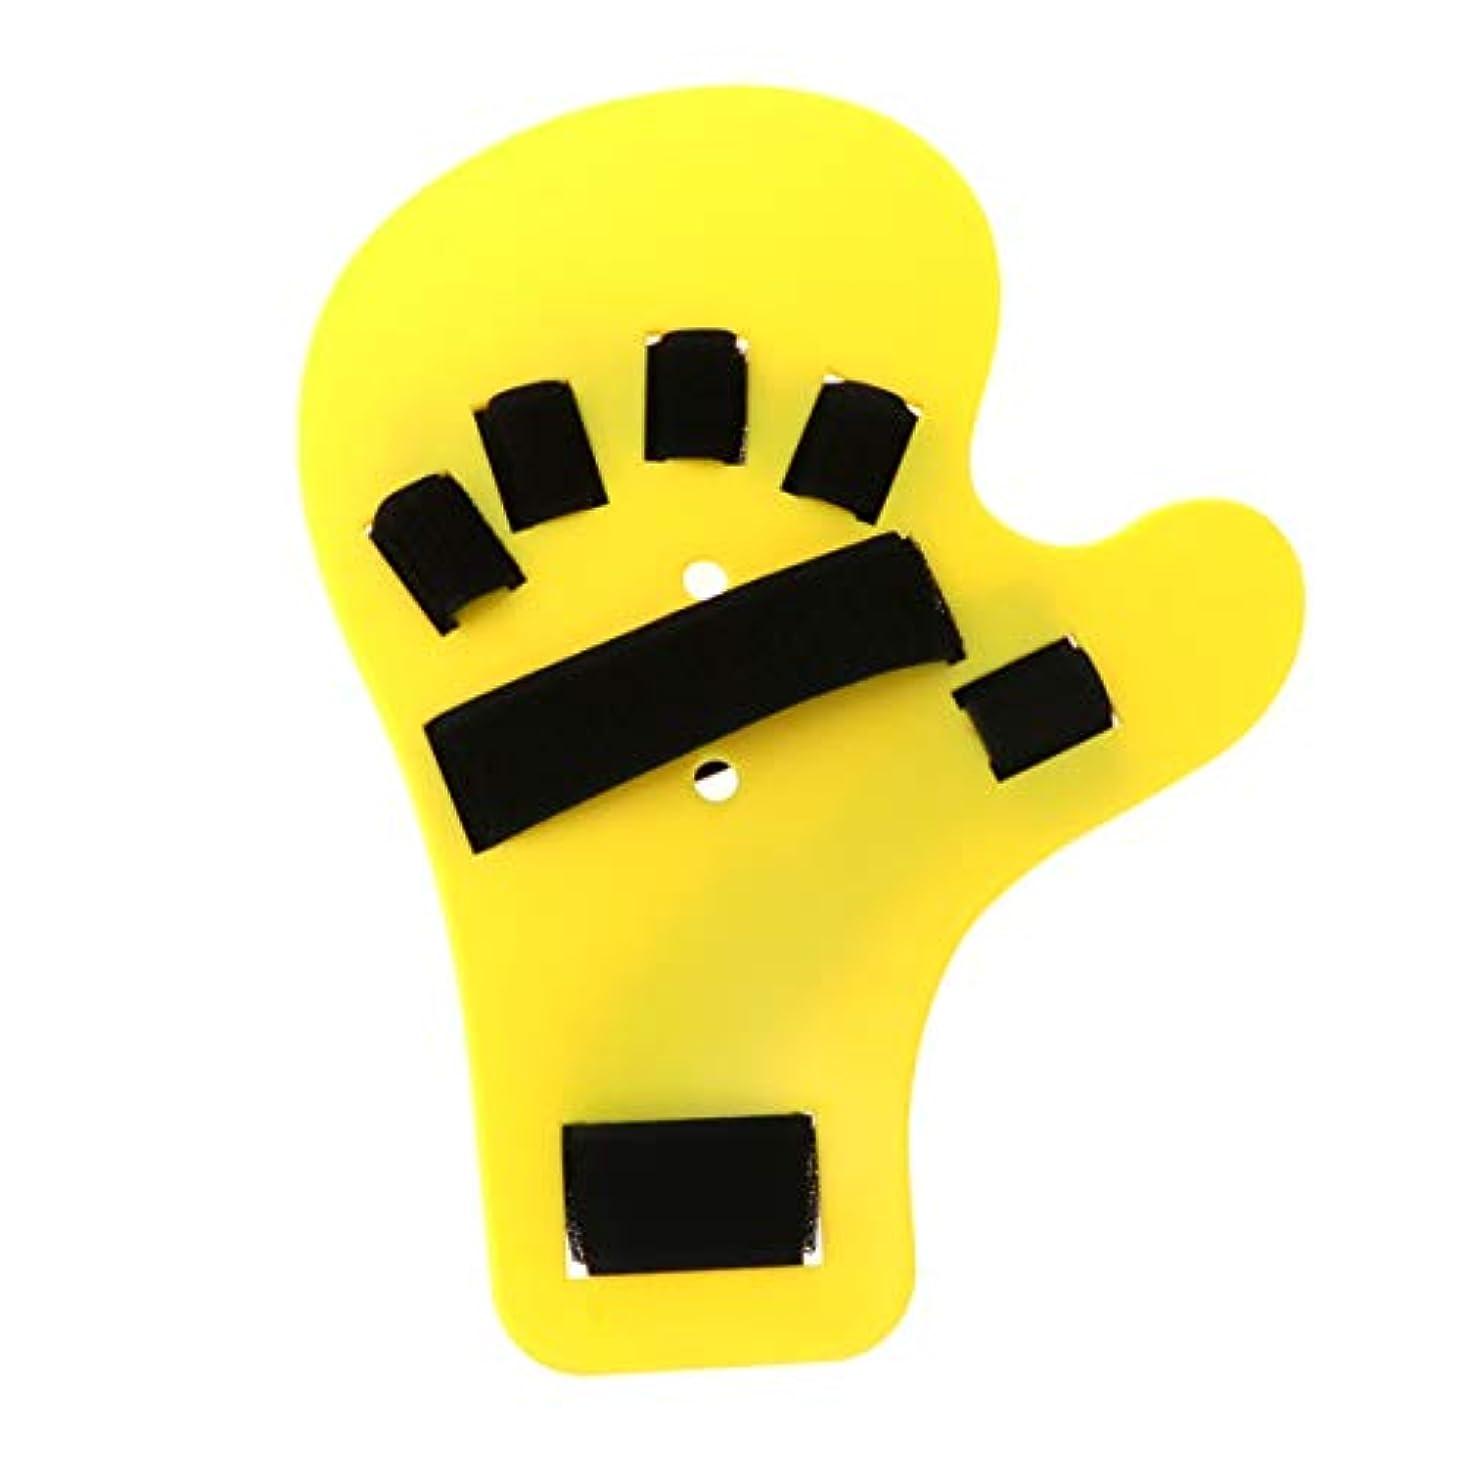 相続人留まる一般的にSUPVOX 指装具指板ストロークハンドスプリントトレーニングサポートハンド手首トレーニング右手用装具デバイス